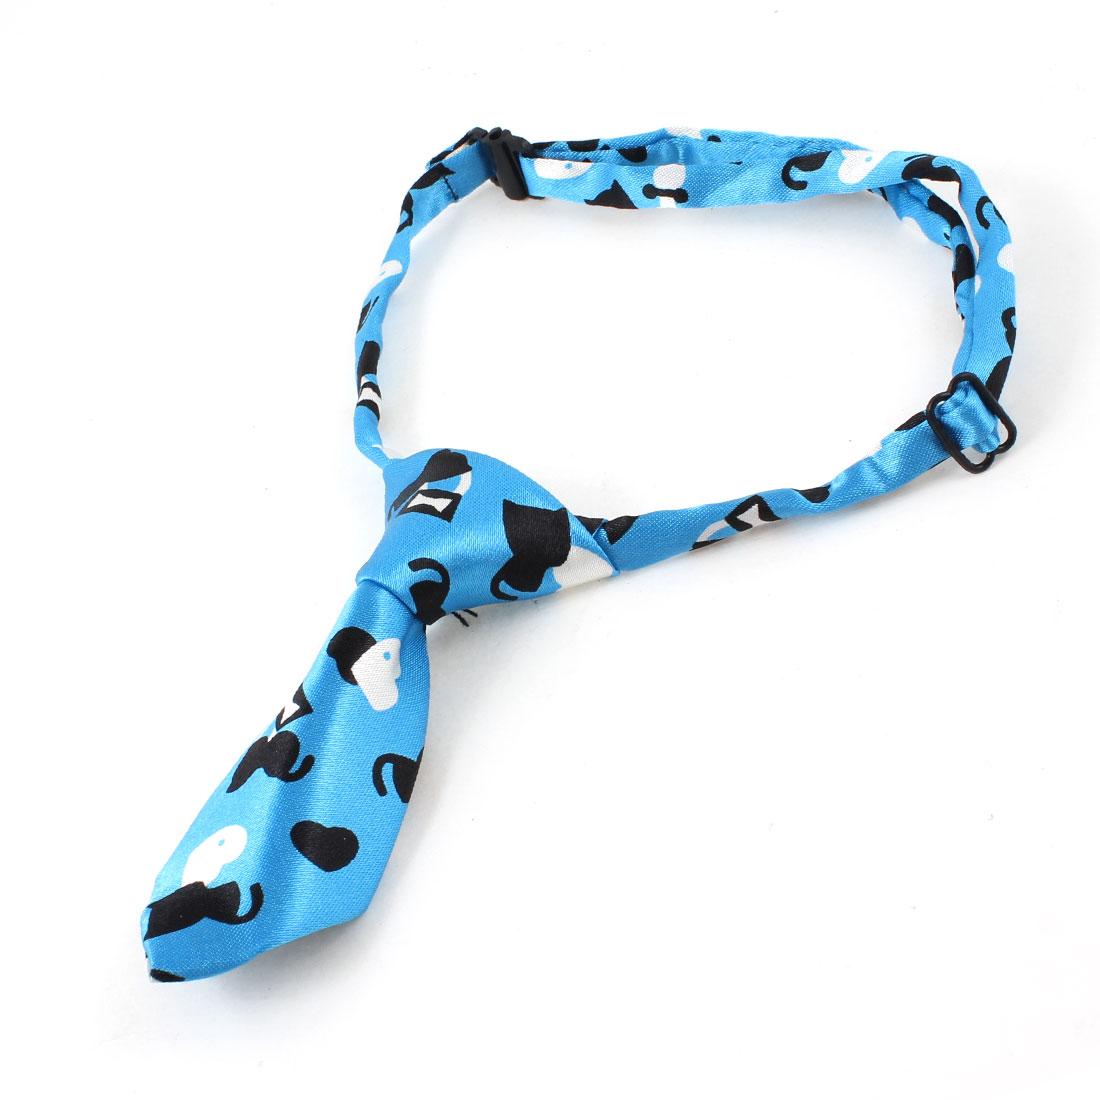 Cat Heart Print Blue Adjustable Cat Pet Adorable Grooming Tie Necktie